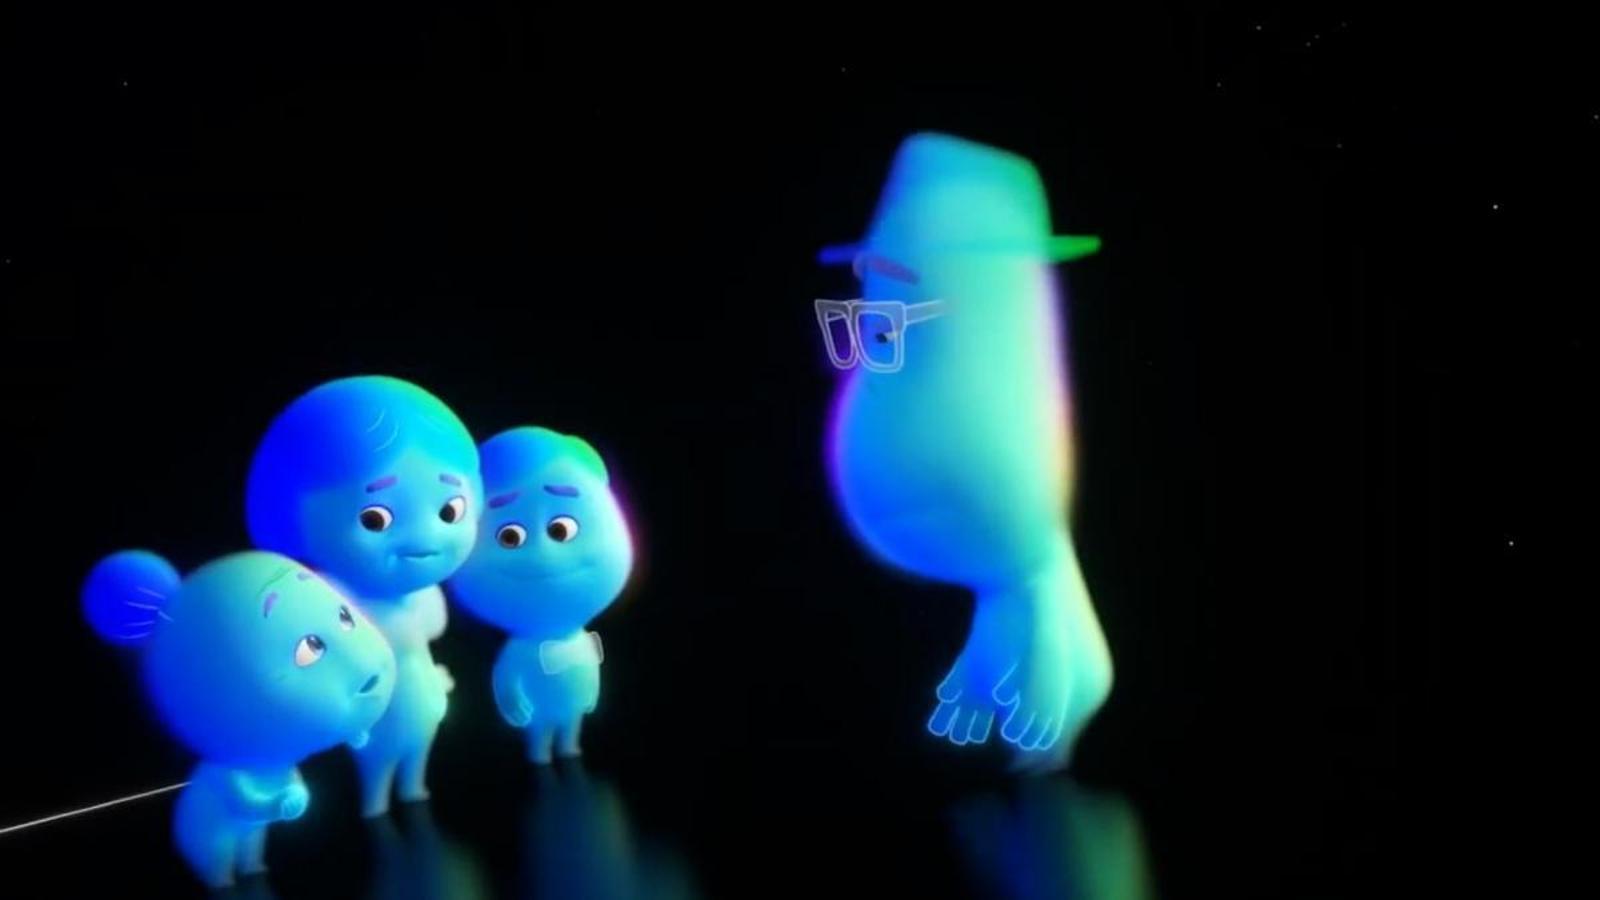 El nou Pixar s'estrenarà directament a Disney+ i agreuja la crisi dels cinemes